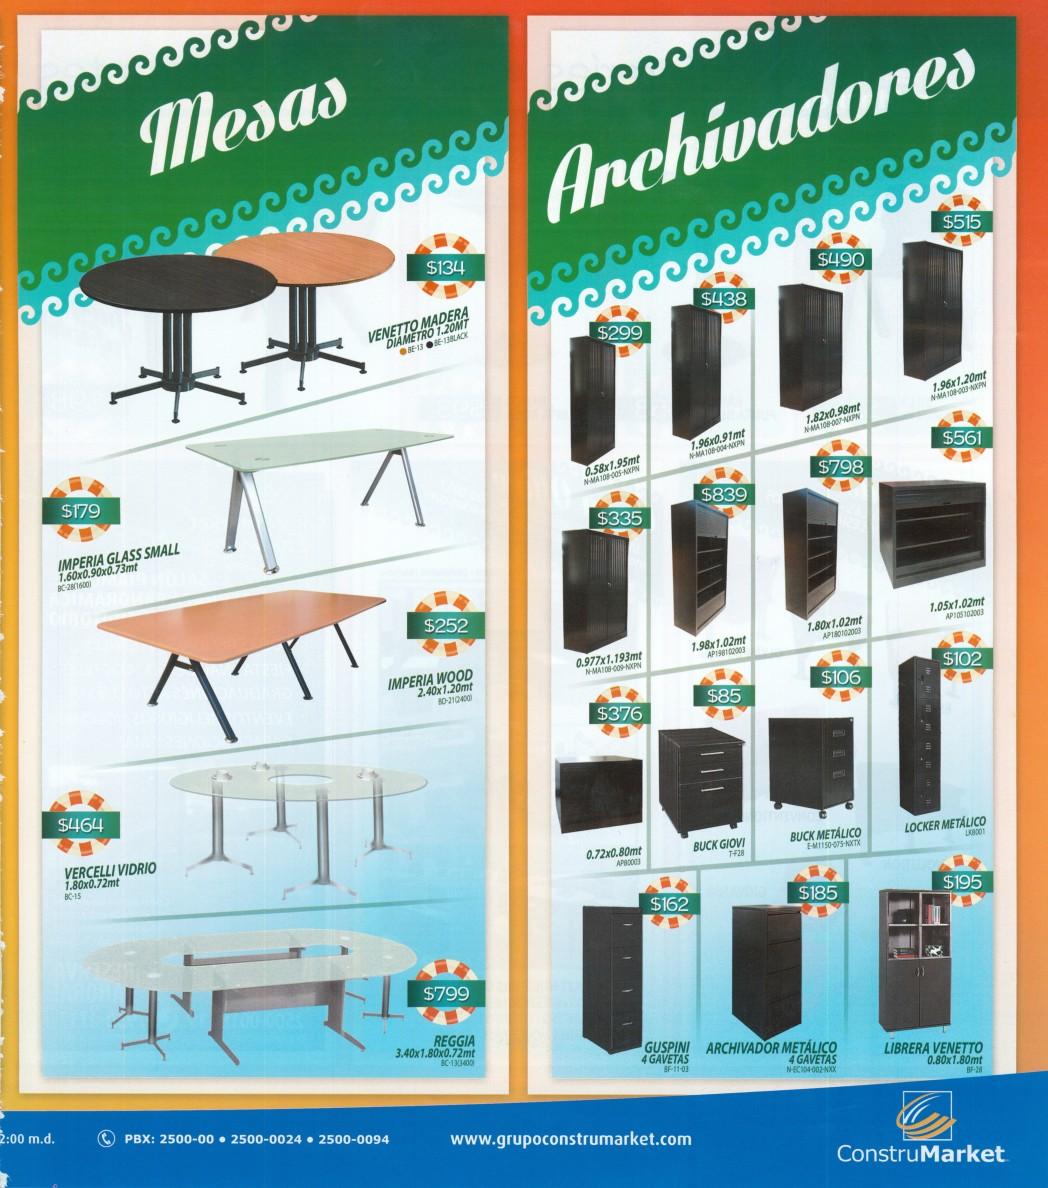 Grupo construmarket el salvador PROMOCIONES en mesas de madera vidrio y archivadores